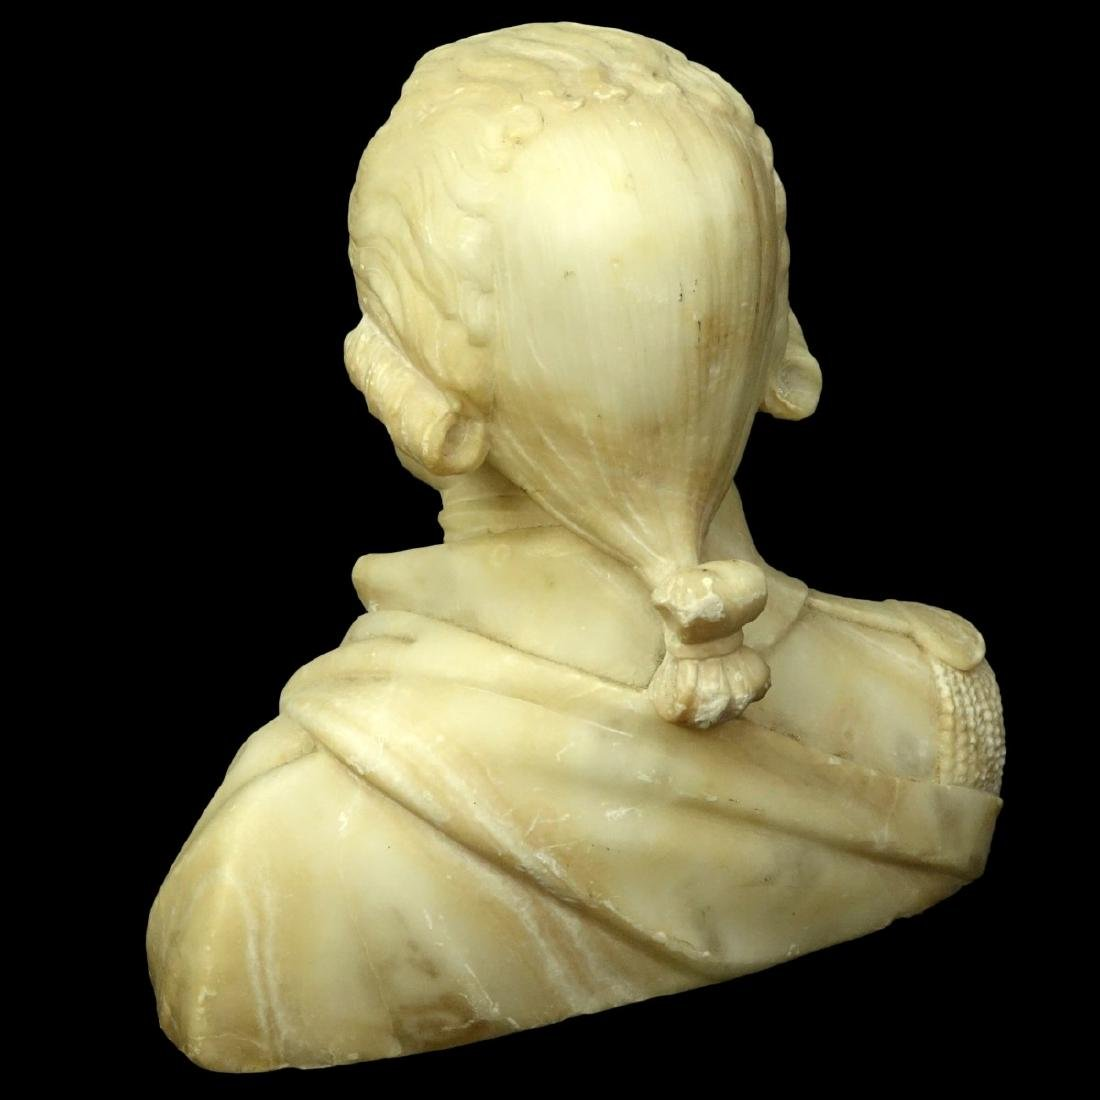 Vintage Carved Alabaster Bust - 4